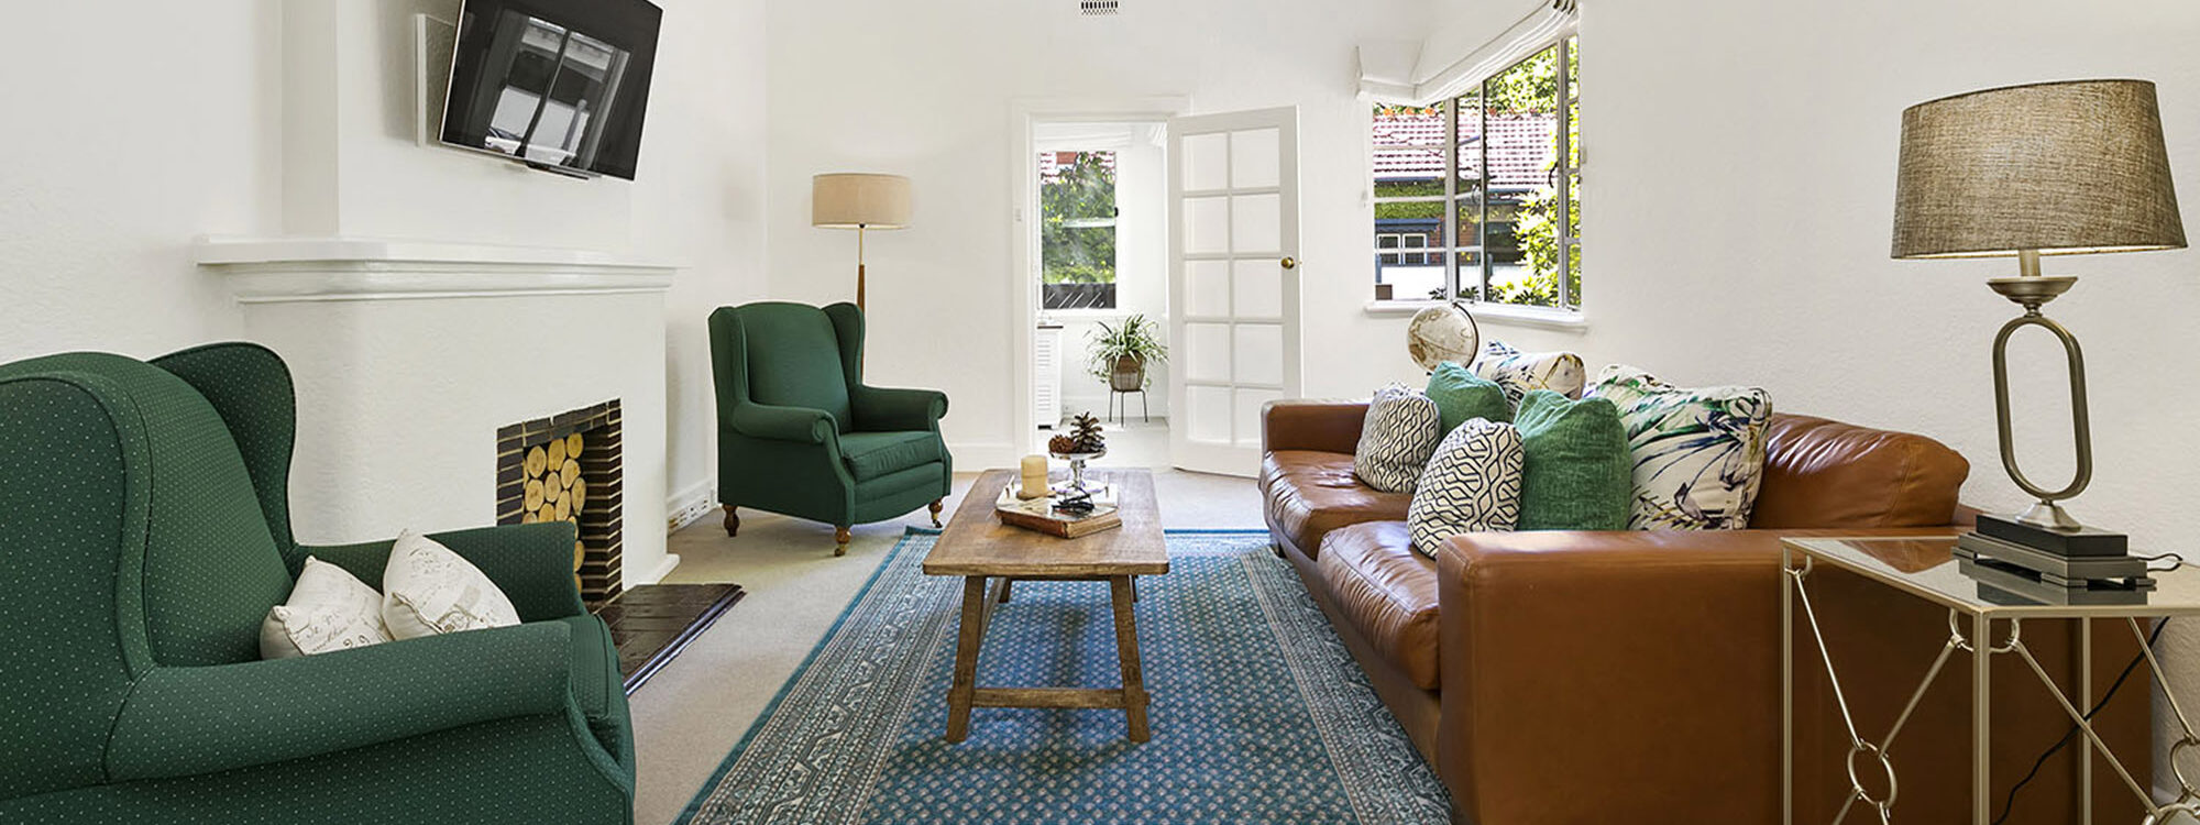 Frankies Place - Malvern - Living Room Area